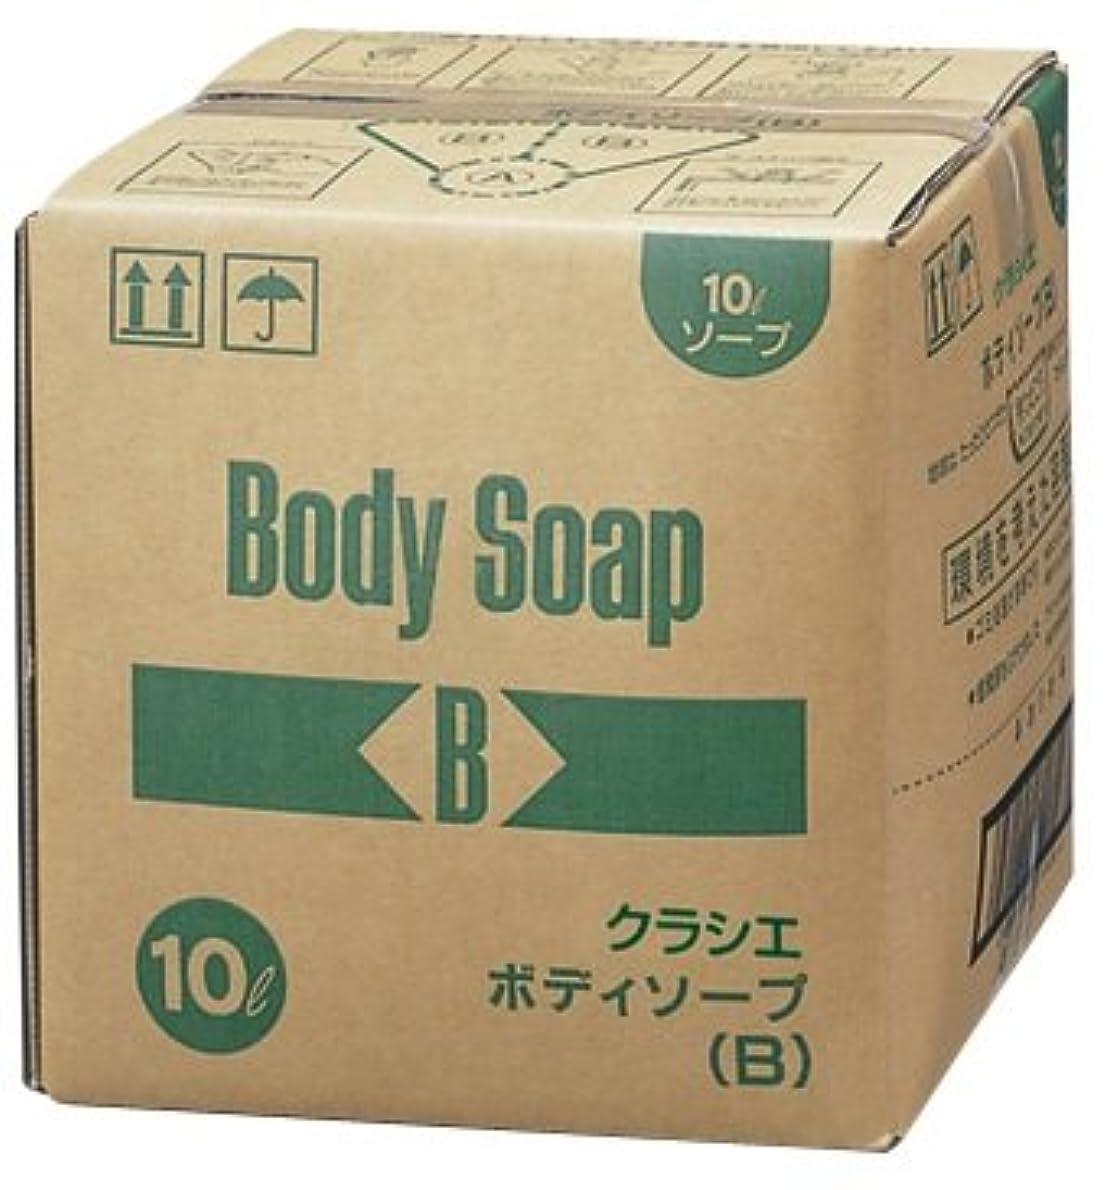 事業モール口実kracie(クラシエ) Bシリーズ ボディソープ 石鹸タイプ フレッシュグリーンの香り 10L 業務用 家庭様向け 容器3本